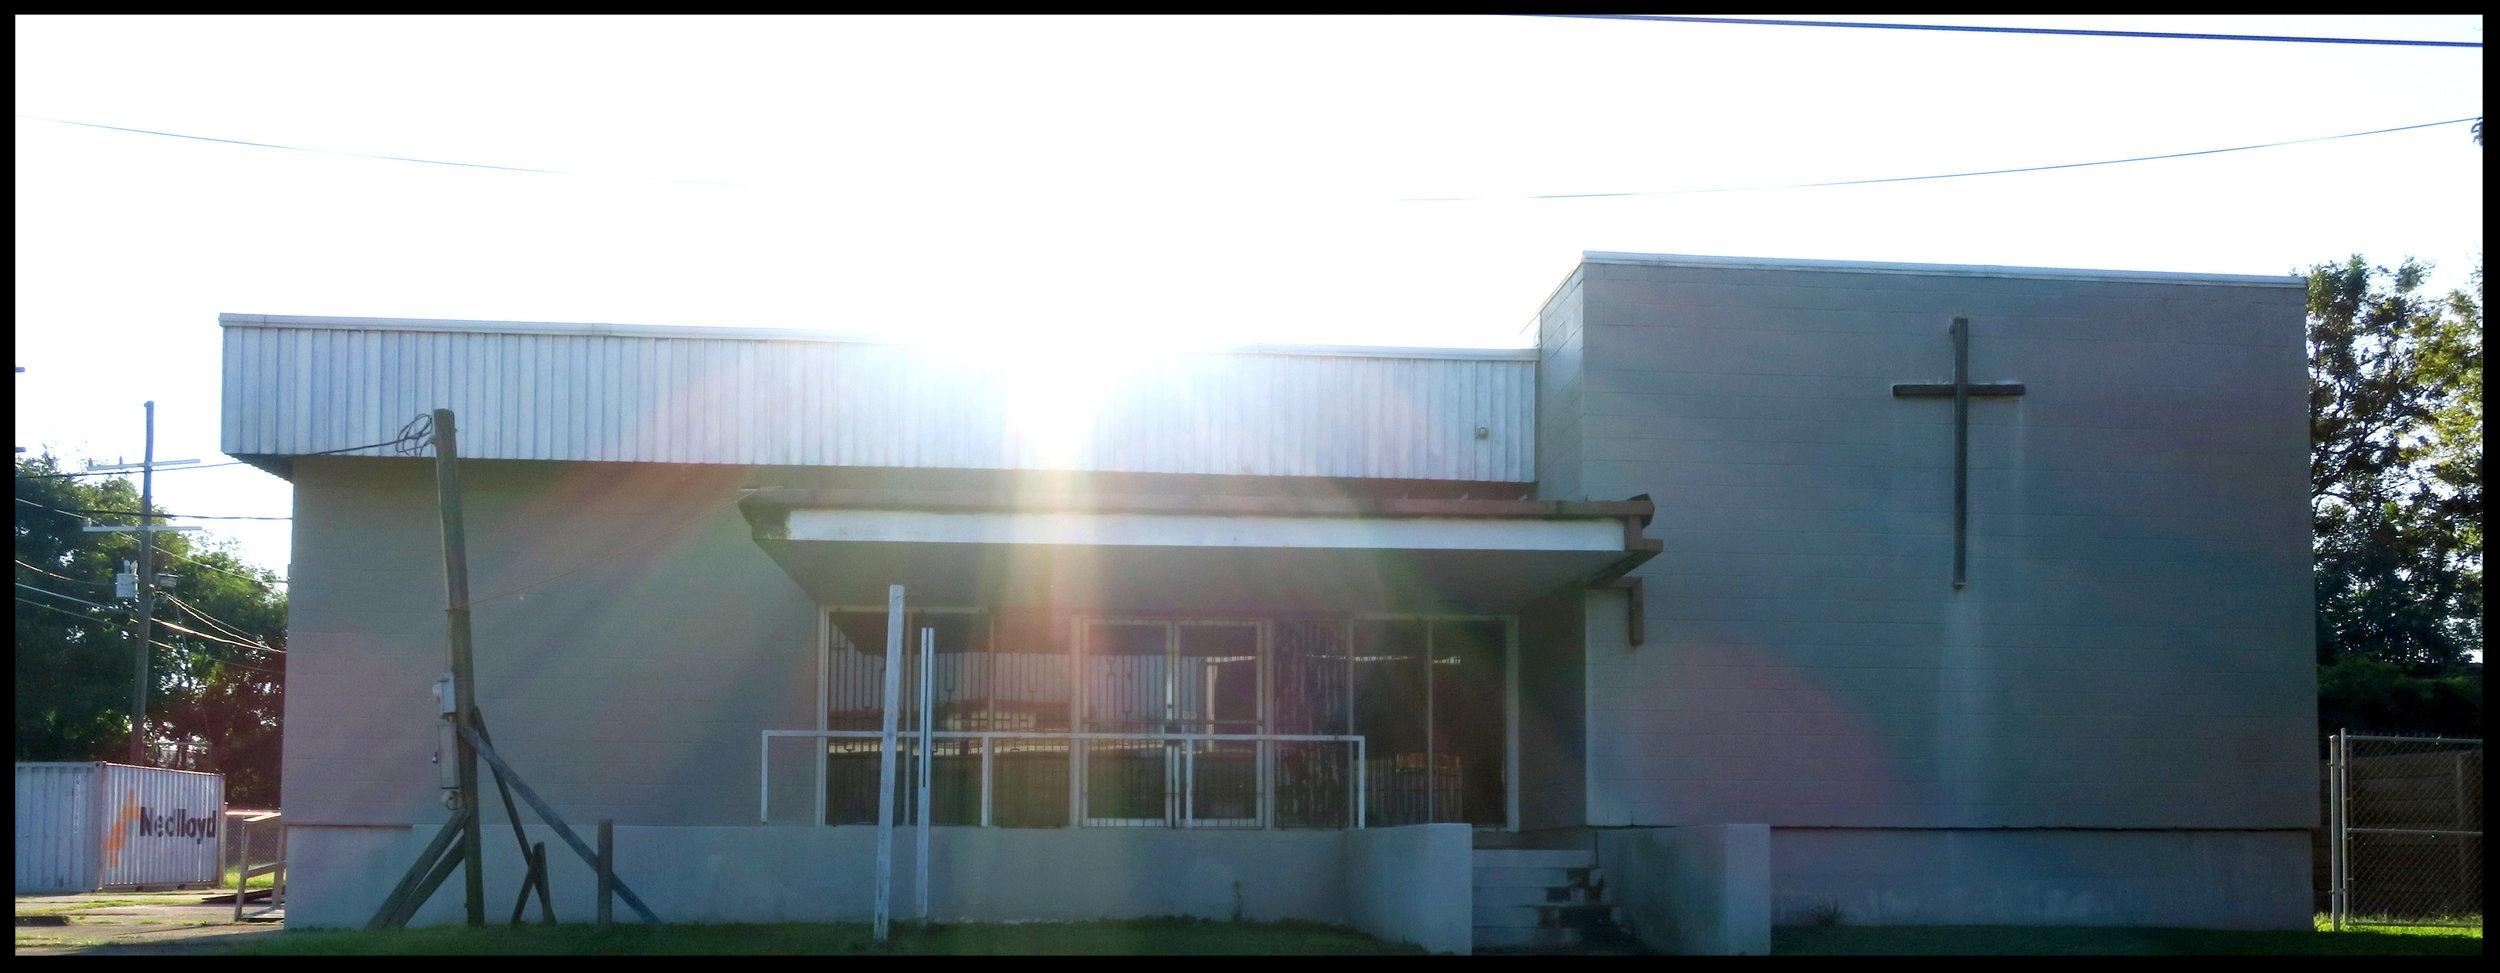 The HEM building on Marais St., front